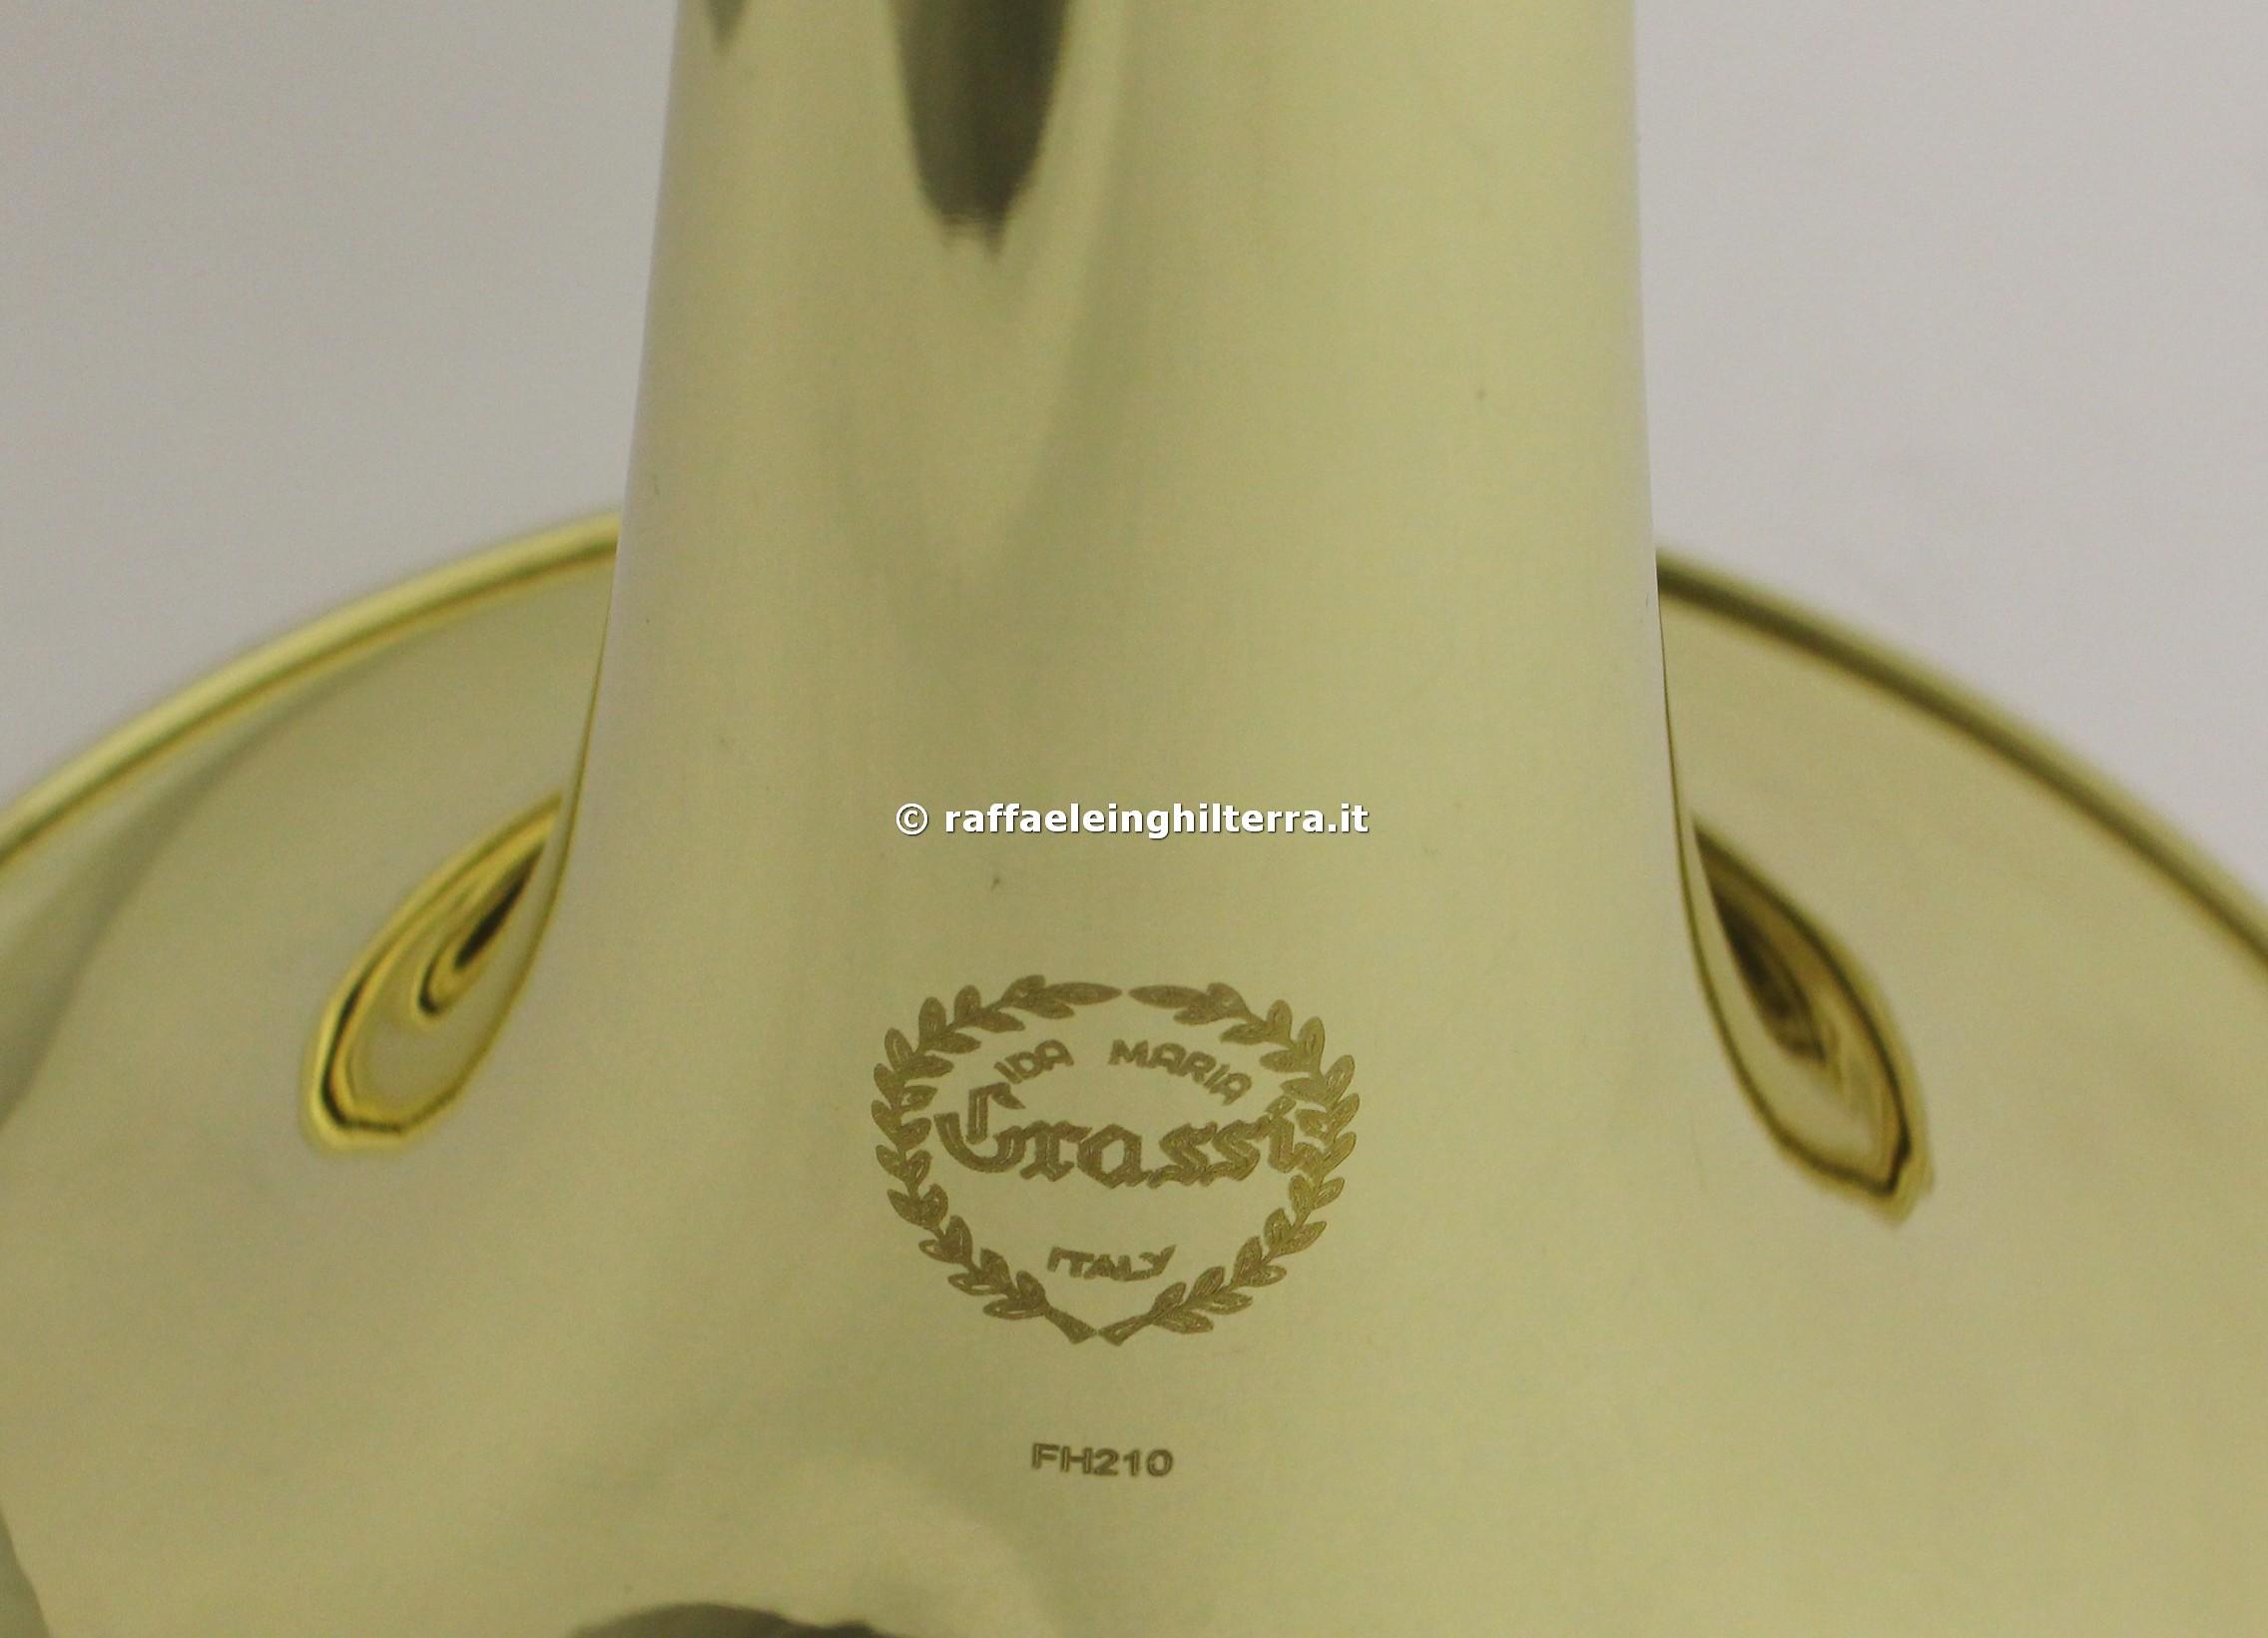 Grassi corno fa sib campana fissa FH210 laccato - Raffaele Inghilterra 259867e38ca6